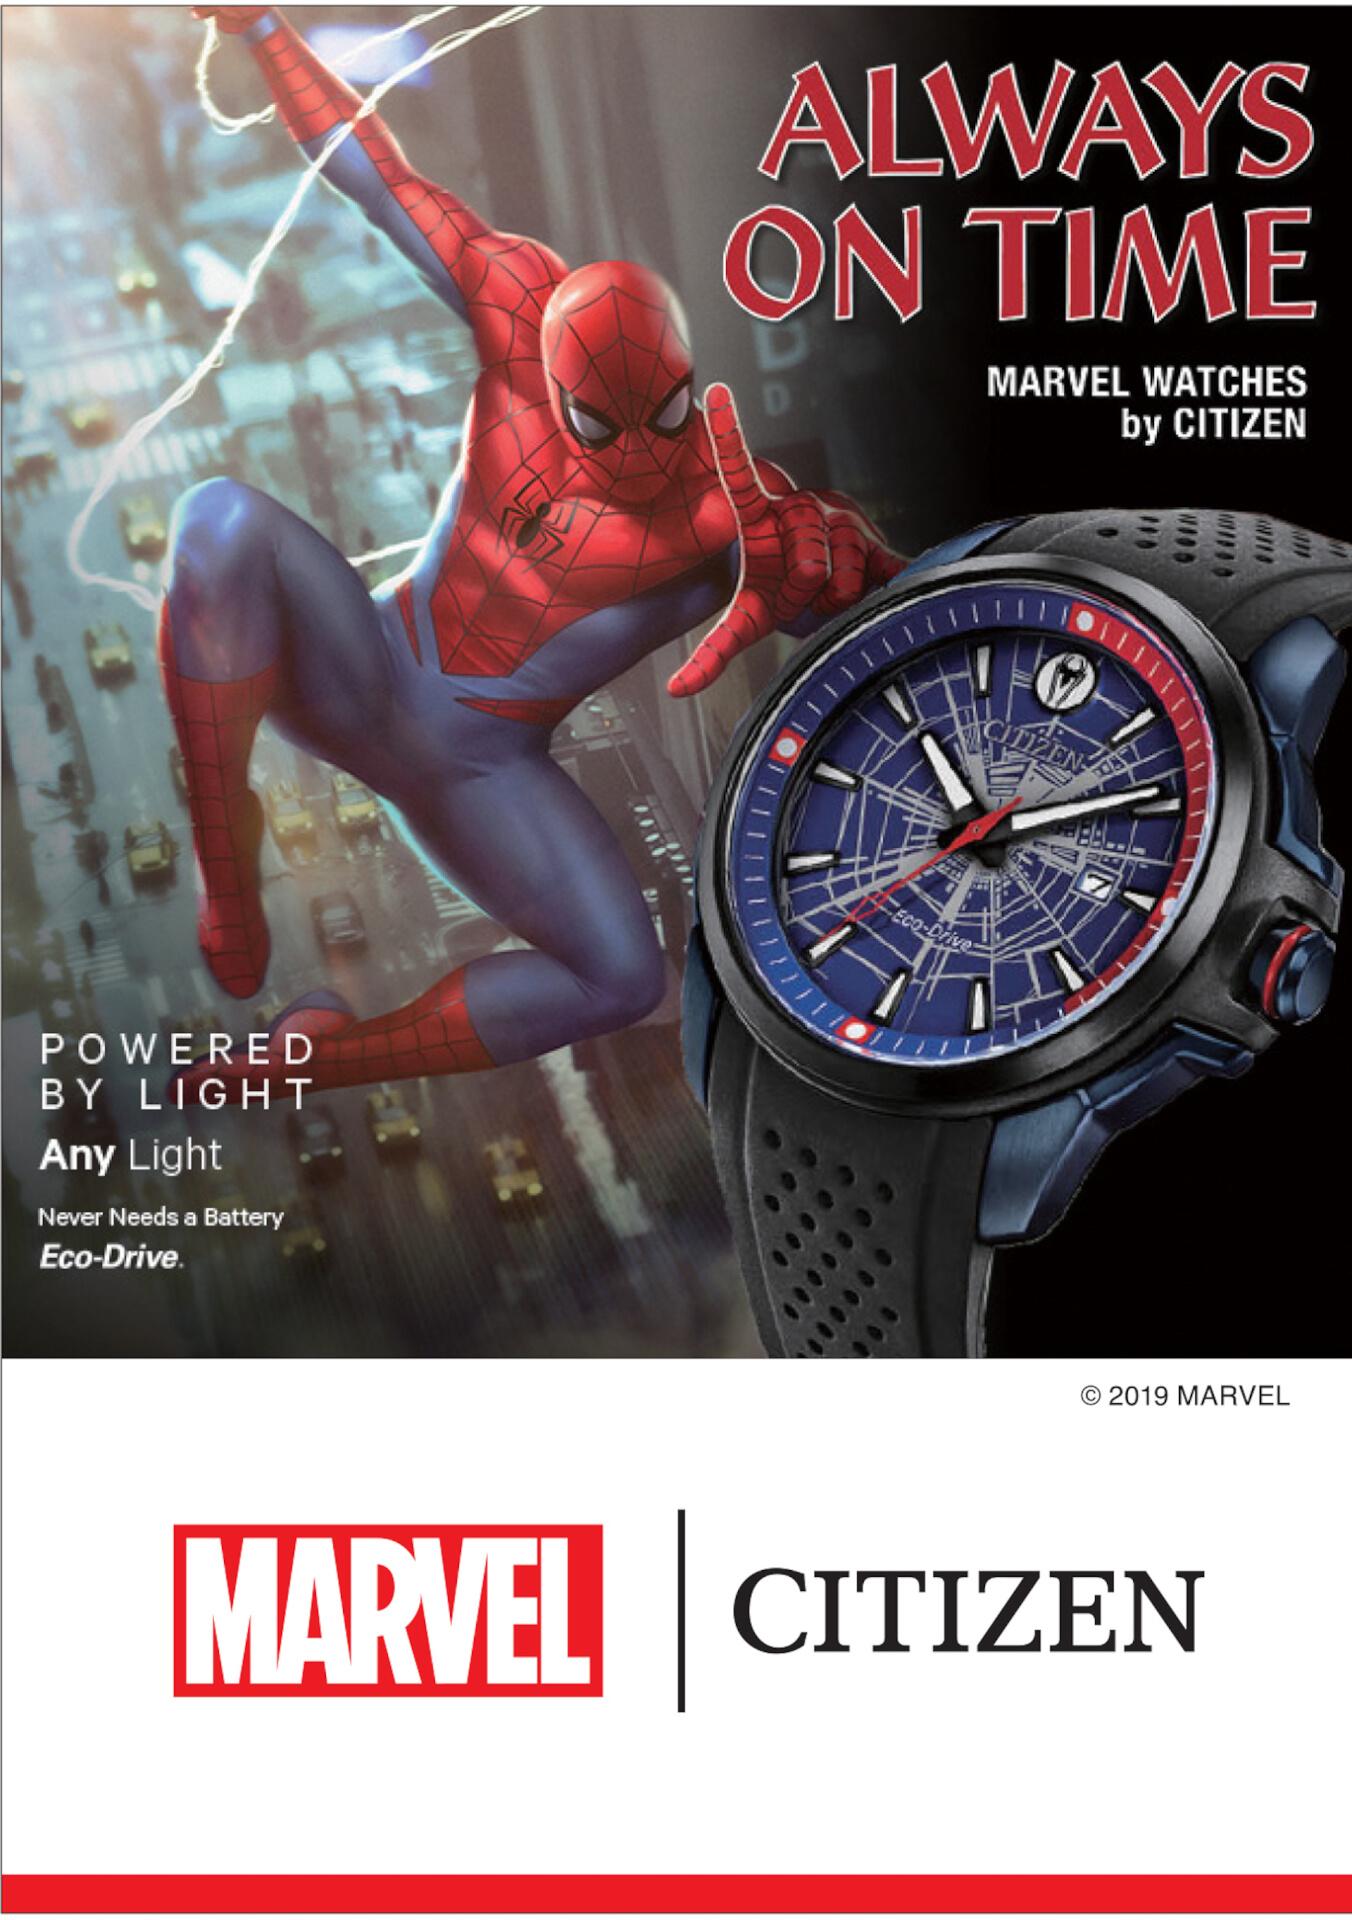 「スパイダーマン」や「キャプテン・アメリカ」が腕時計に!マーベルキャラクターをモチーフにしたシチズン腕時計全9モデルが登場 tech190919_marvel_watch_18